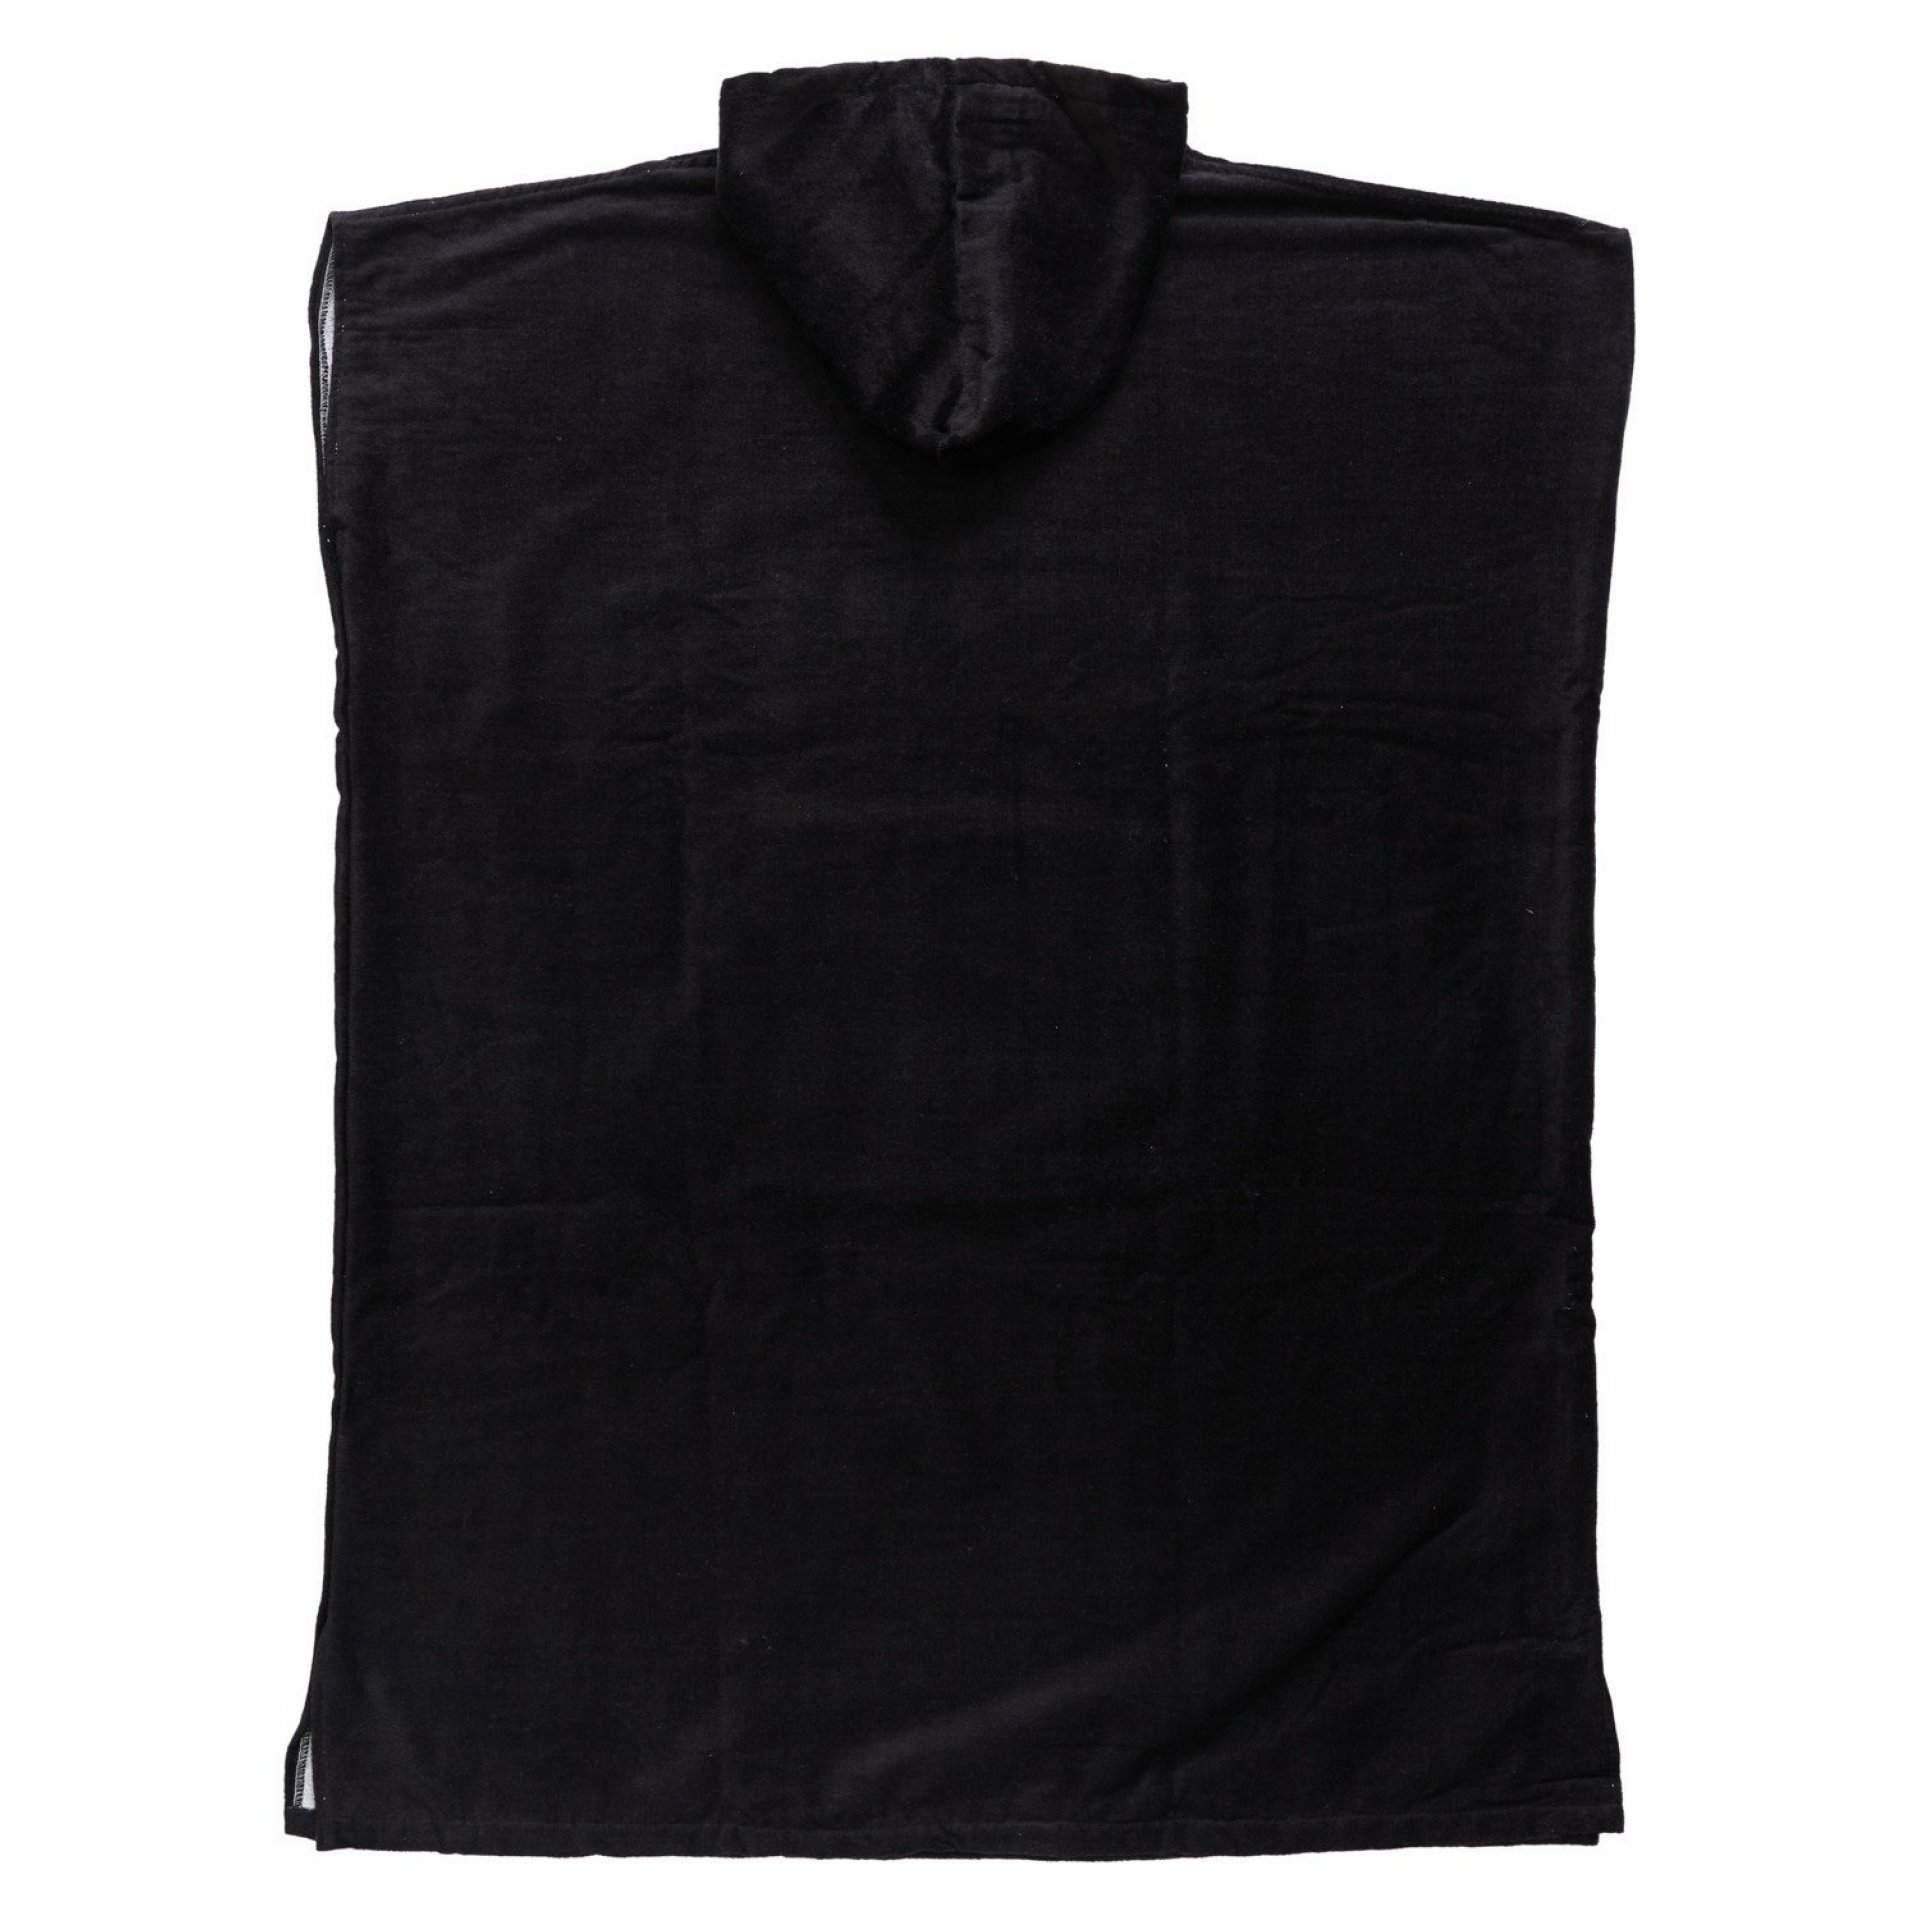 PONCHO RĘCZNIK QUIKSILVER HOODY TOWEL AQYAA03233 KVJ0 Z TYŁU